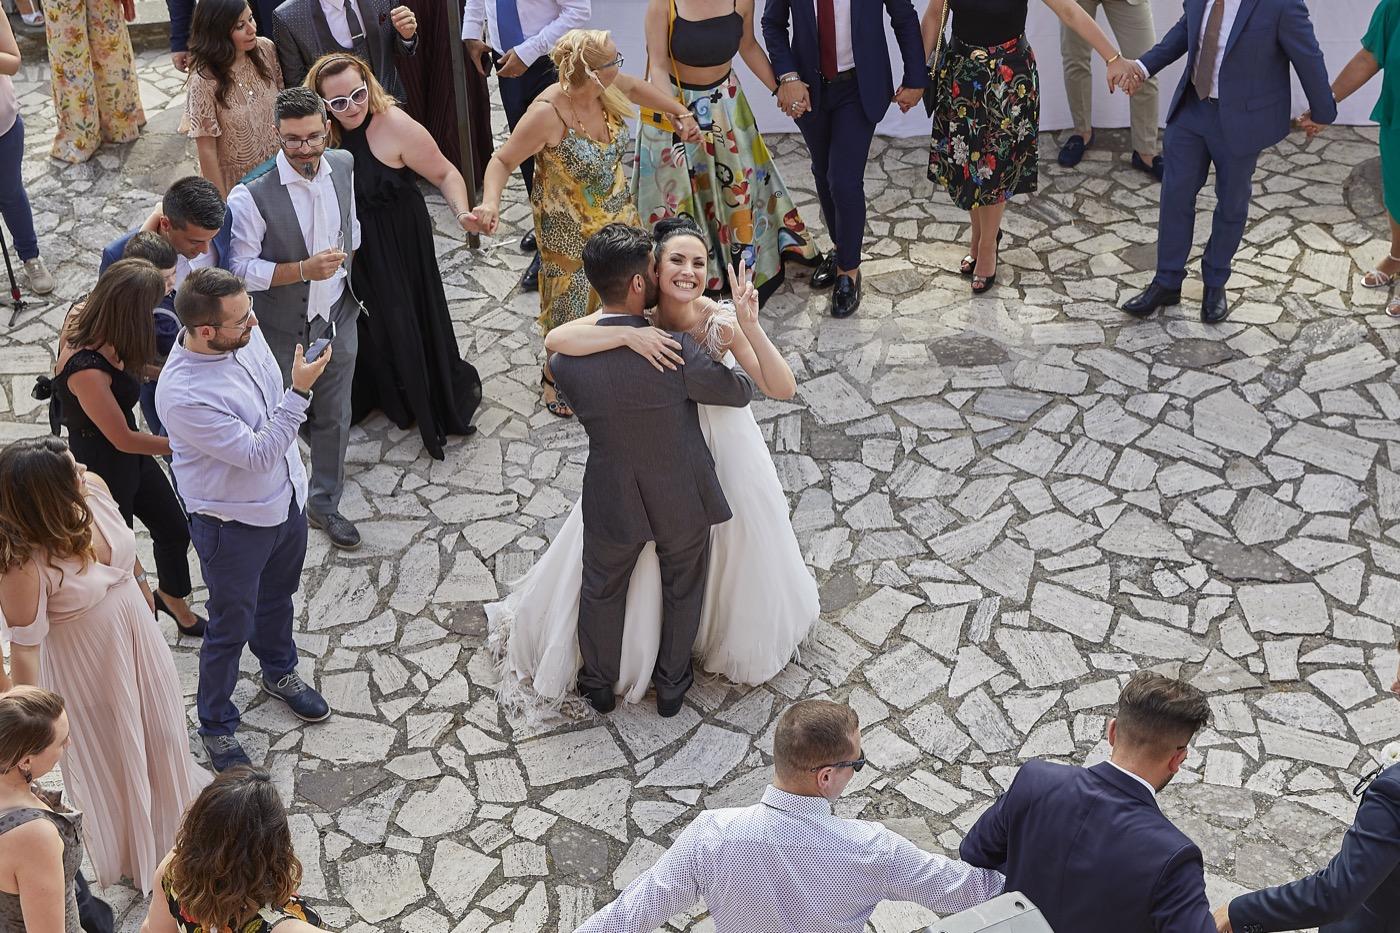 Claudio-Coppola-wedding-photographer-villa-del-cardinale-rocca-di-papa-castel-gandolfo-74